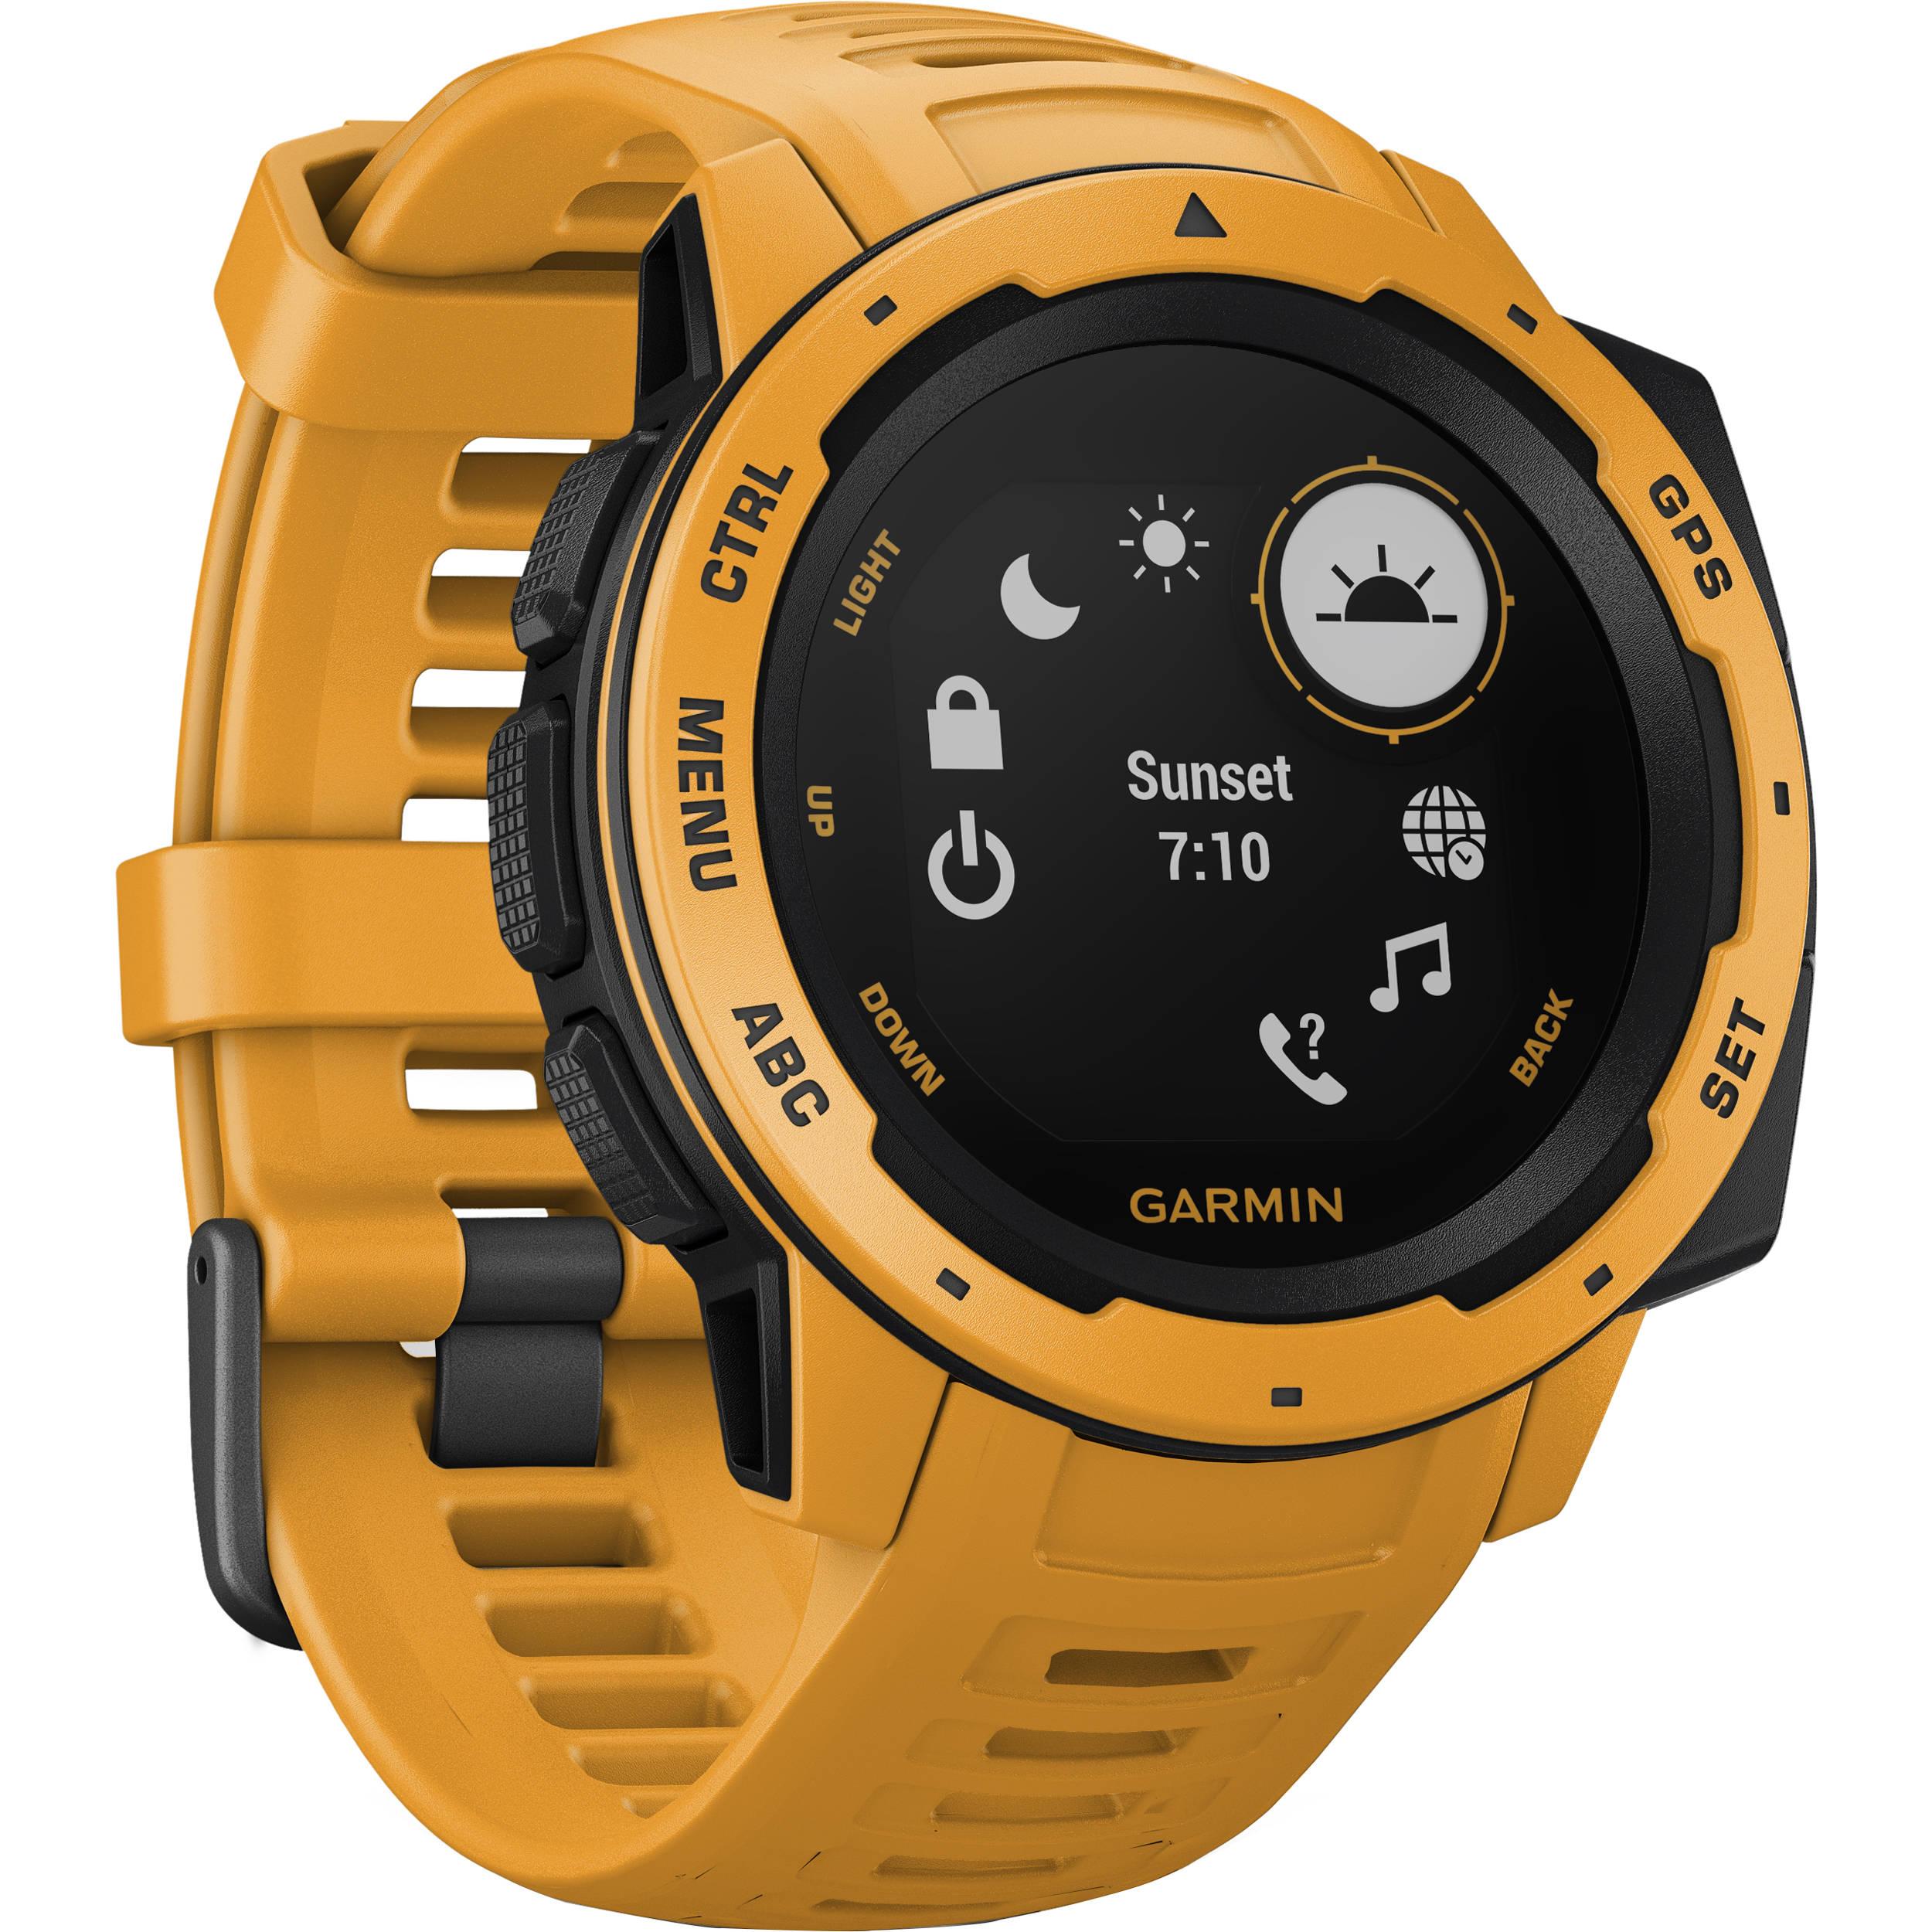 Garmin Instinct Outdoor GPS Watch (Sunburst)